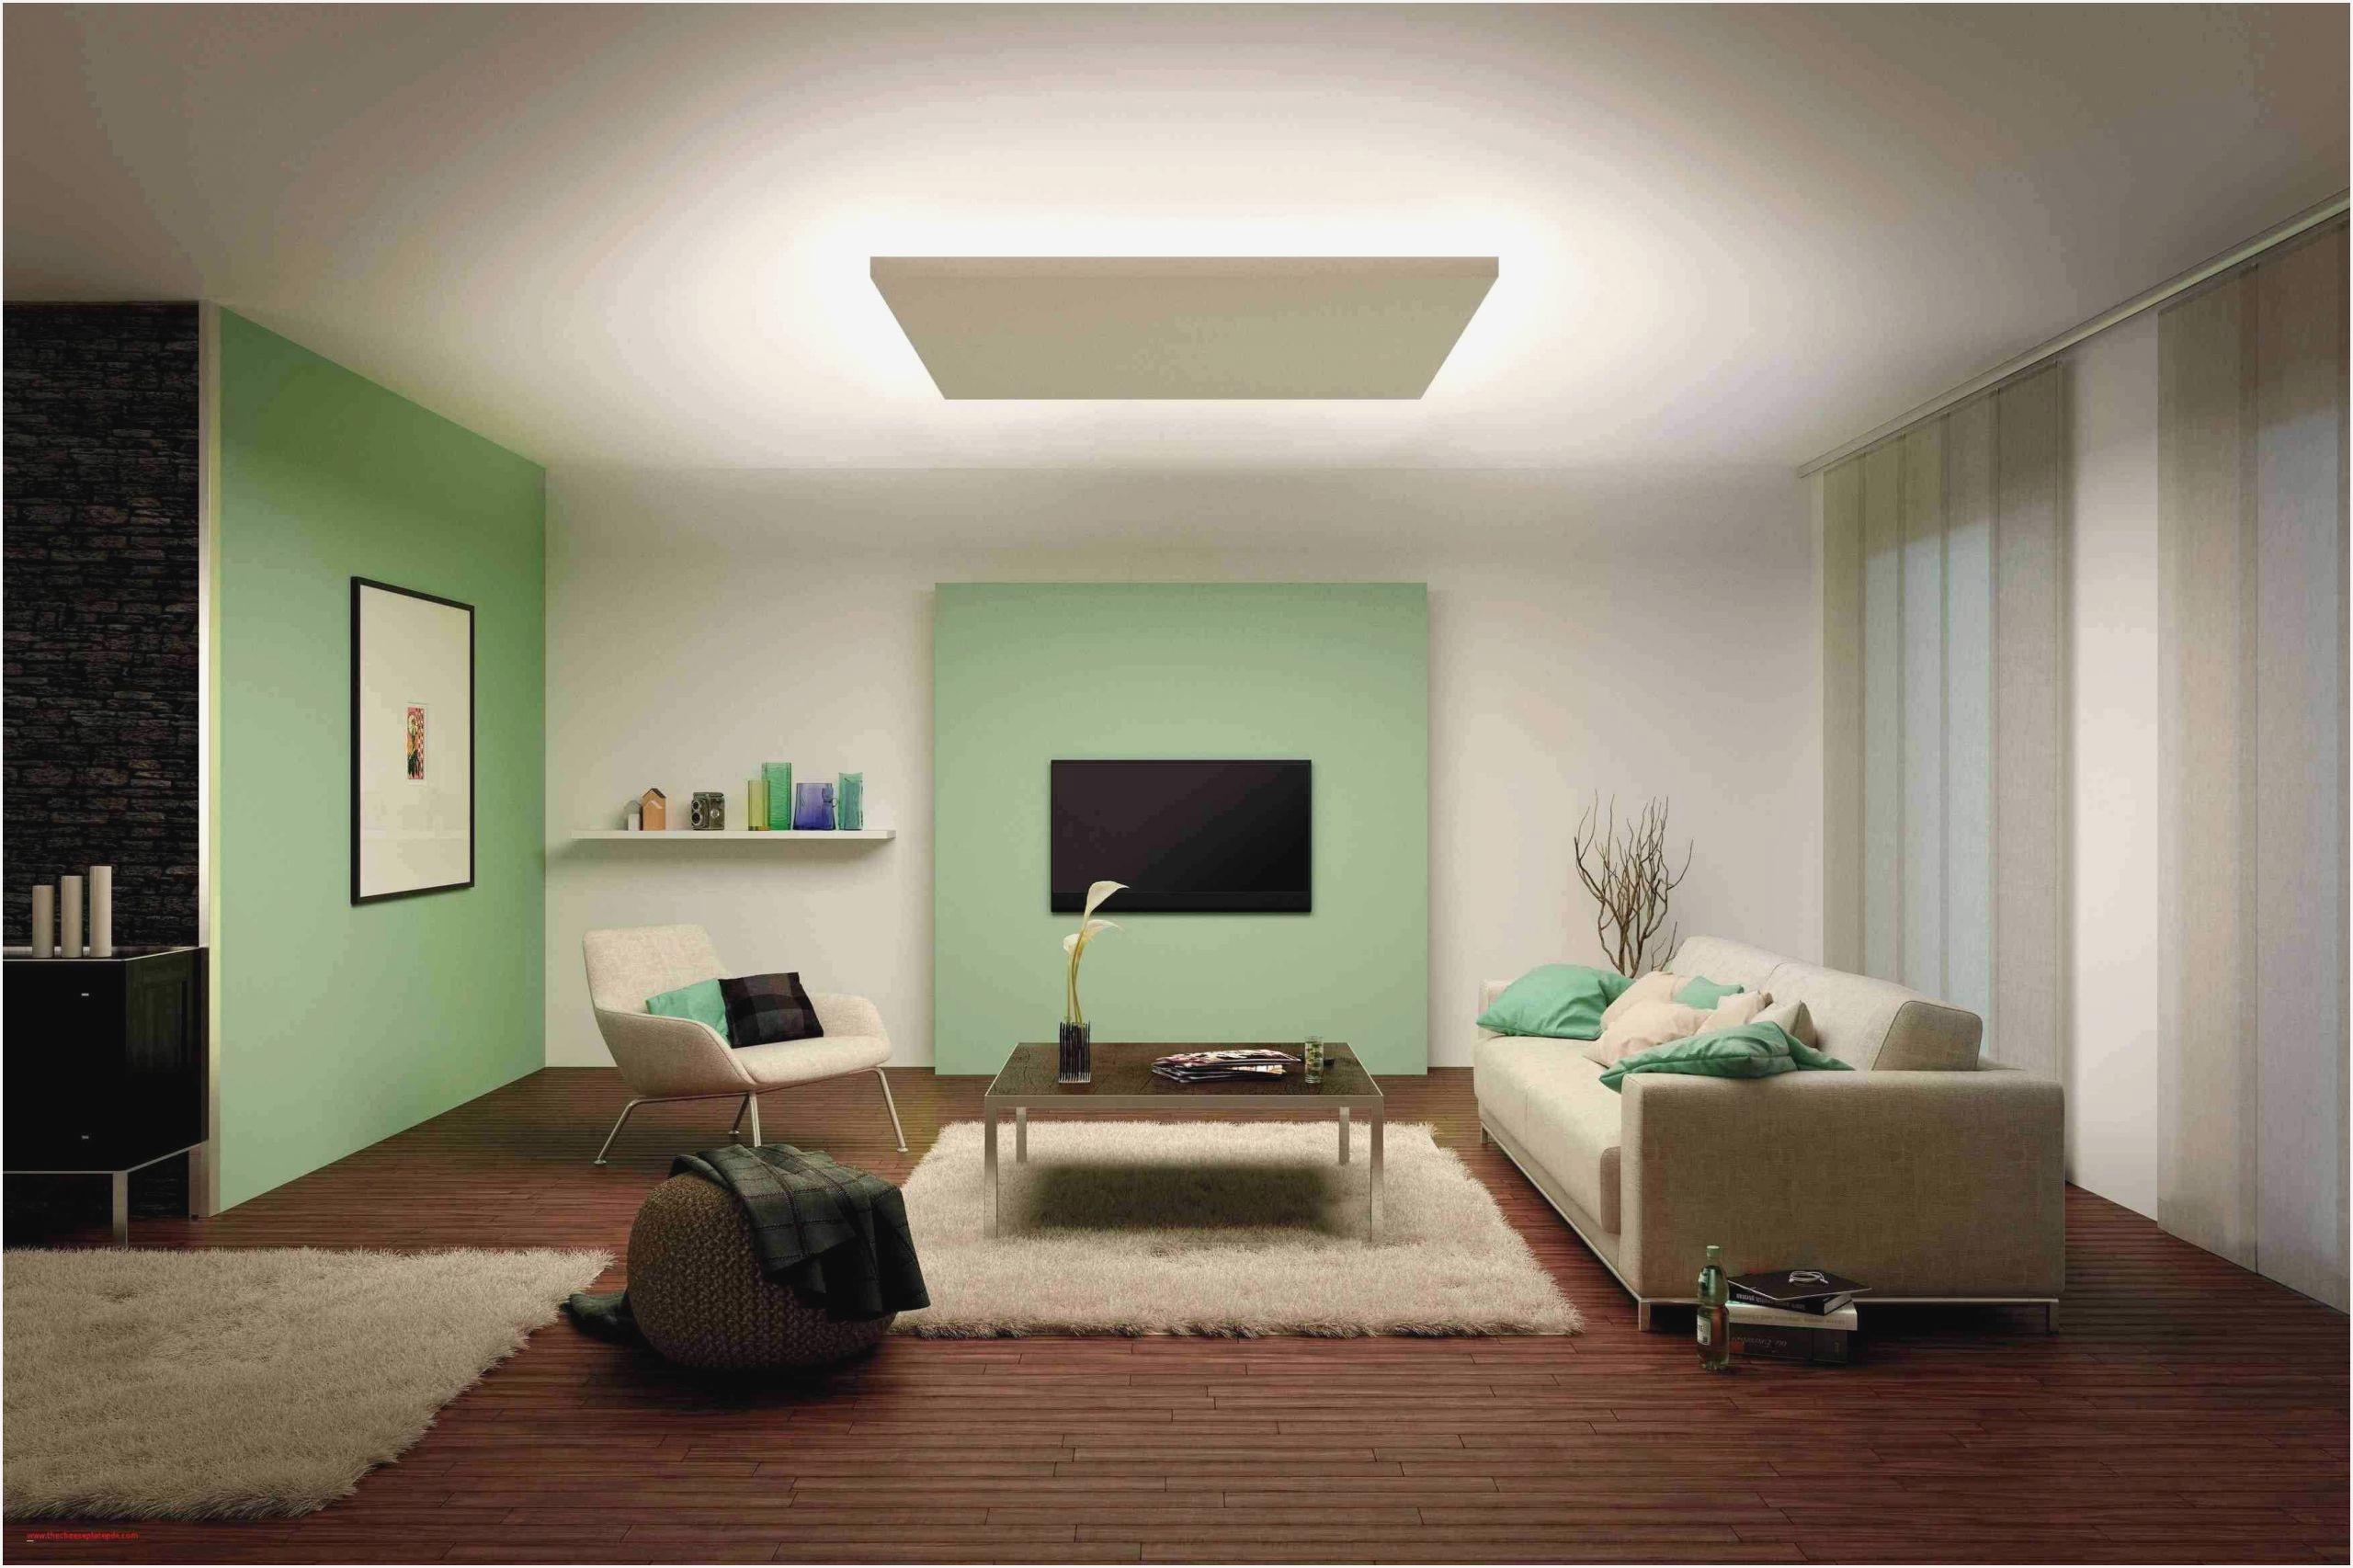 Full Size of Lampen Wohnzimmer Decke Ikea Grn Traumhaus Dekoration Wqp0r1mkg5 Gardinen Lampe Deckenleuchte Küche Deckenlampen Für Landhausstil Board Deckenleuchten Wohnzimmer Lampen Wohnzimmer Decke Ikea